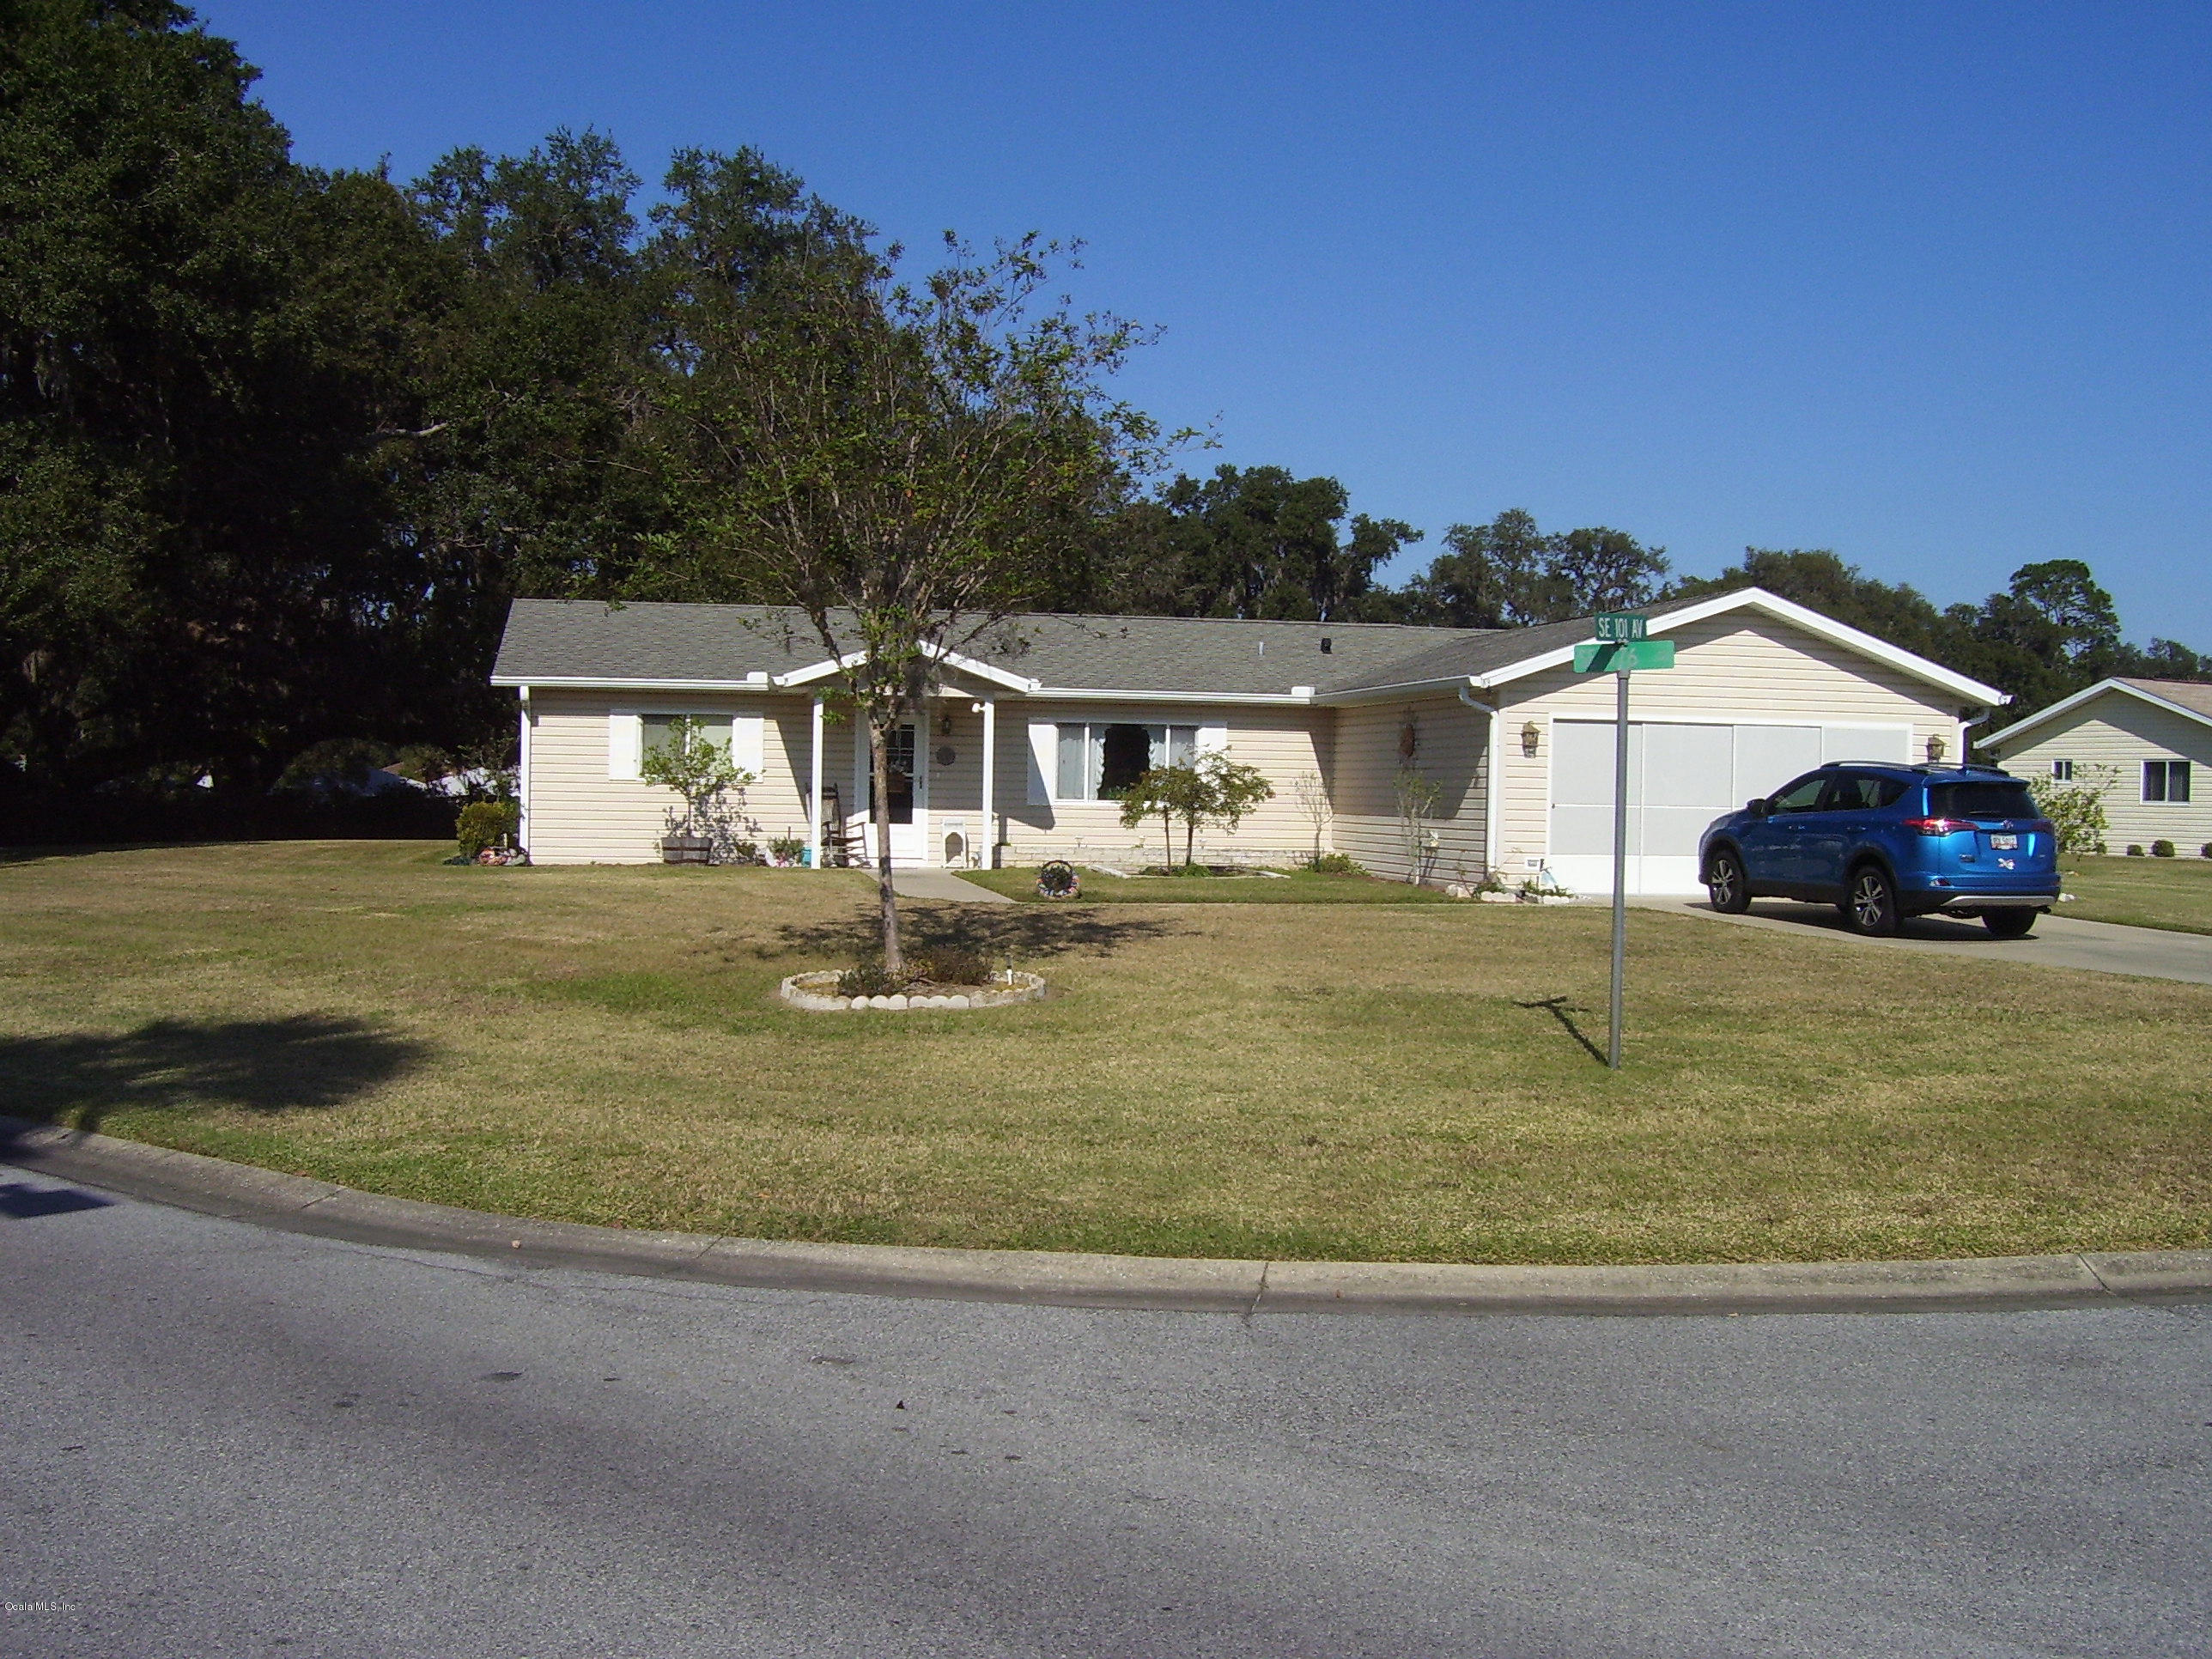 17596 SE 101 AVENUE, SUMMERFIELD, FL 34491